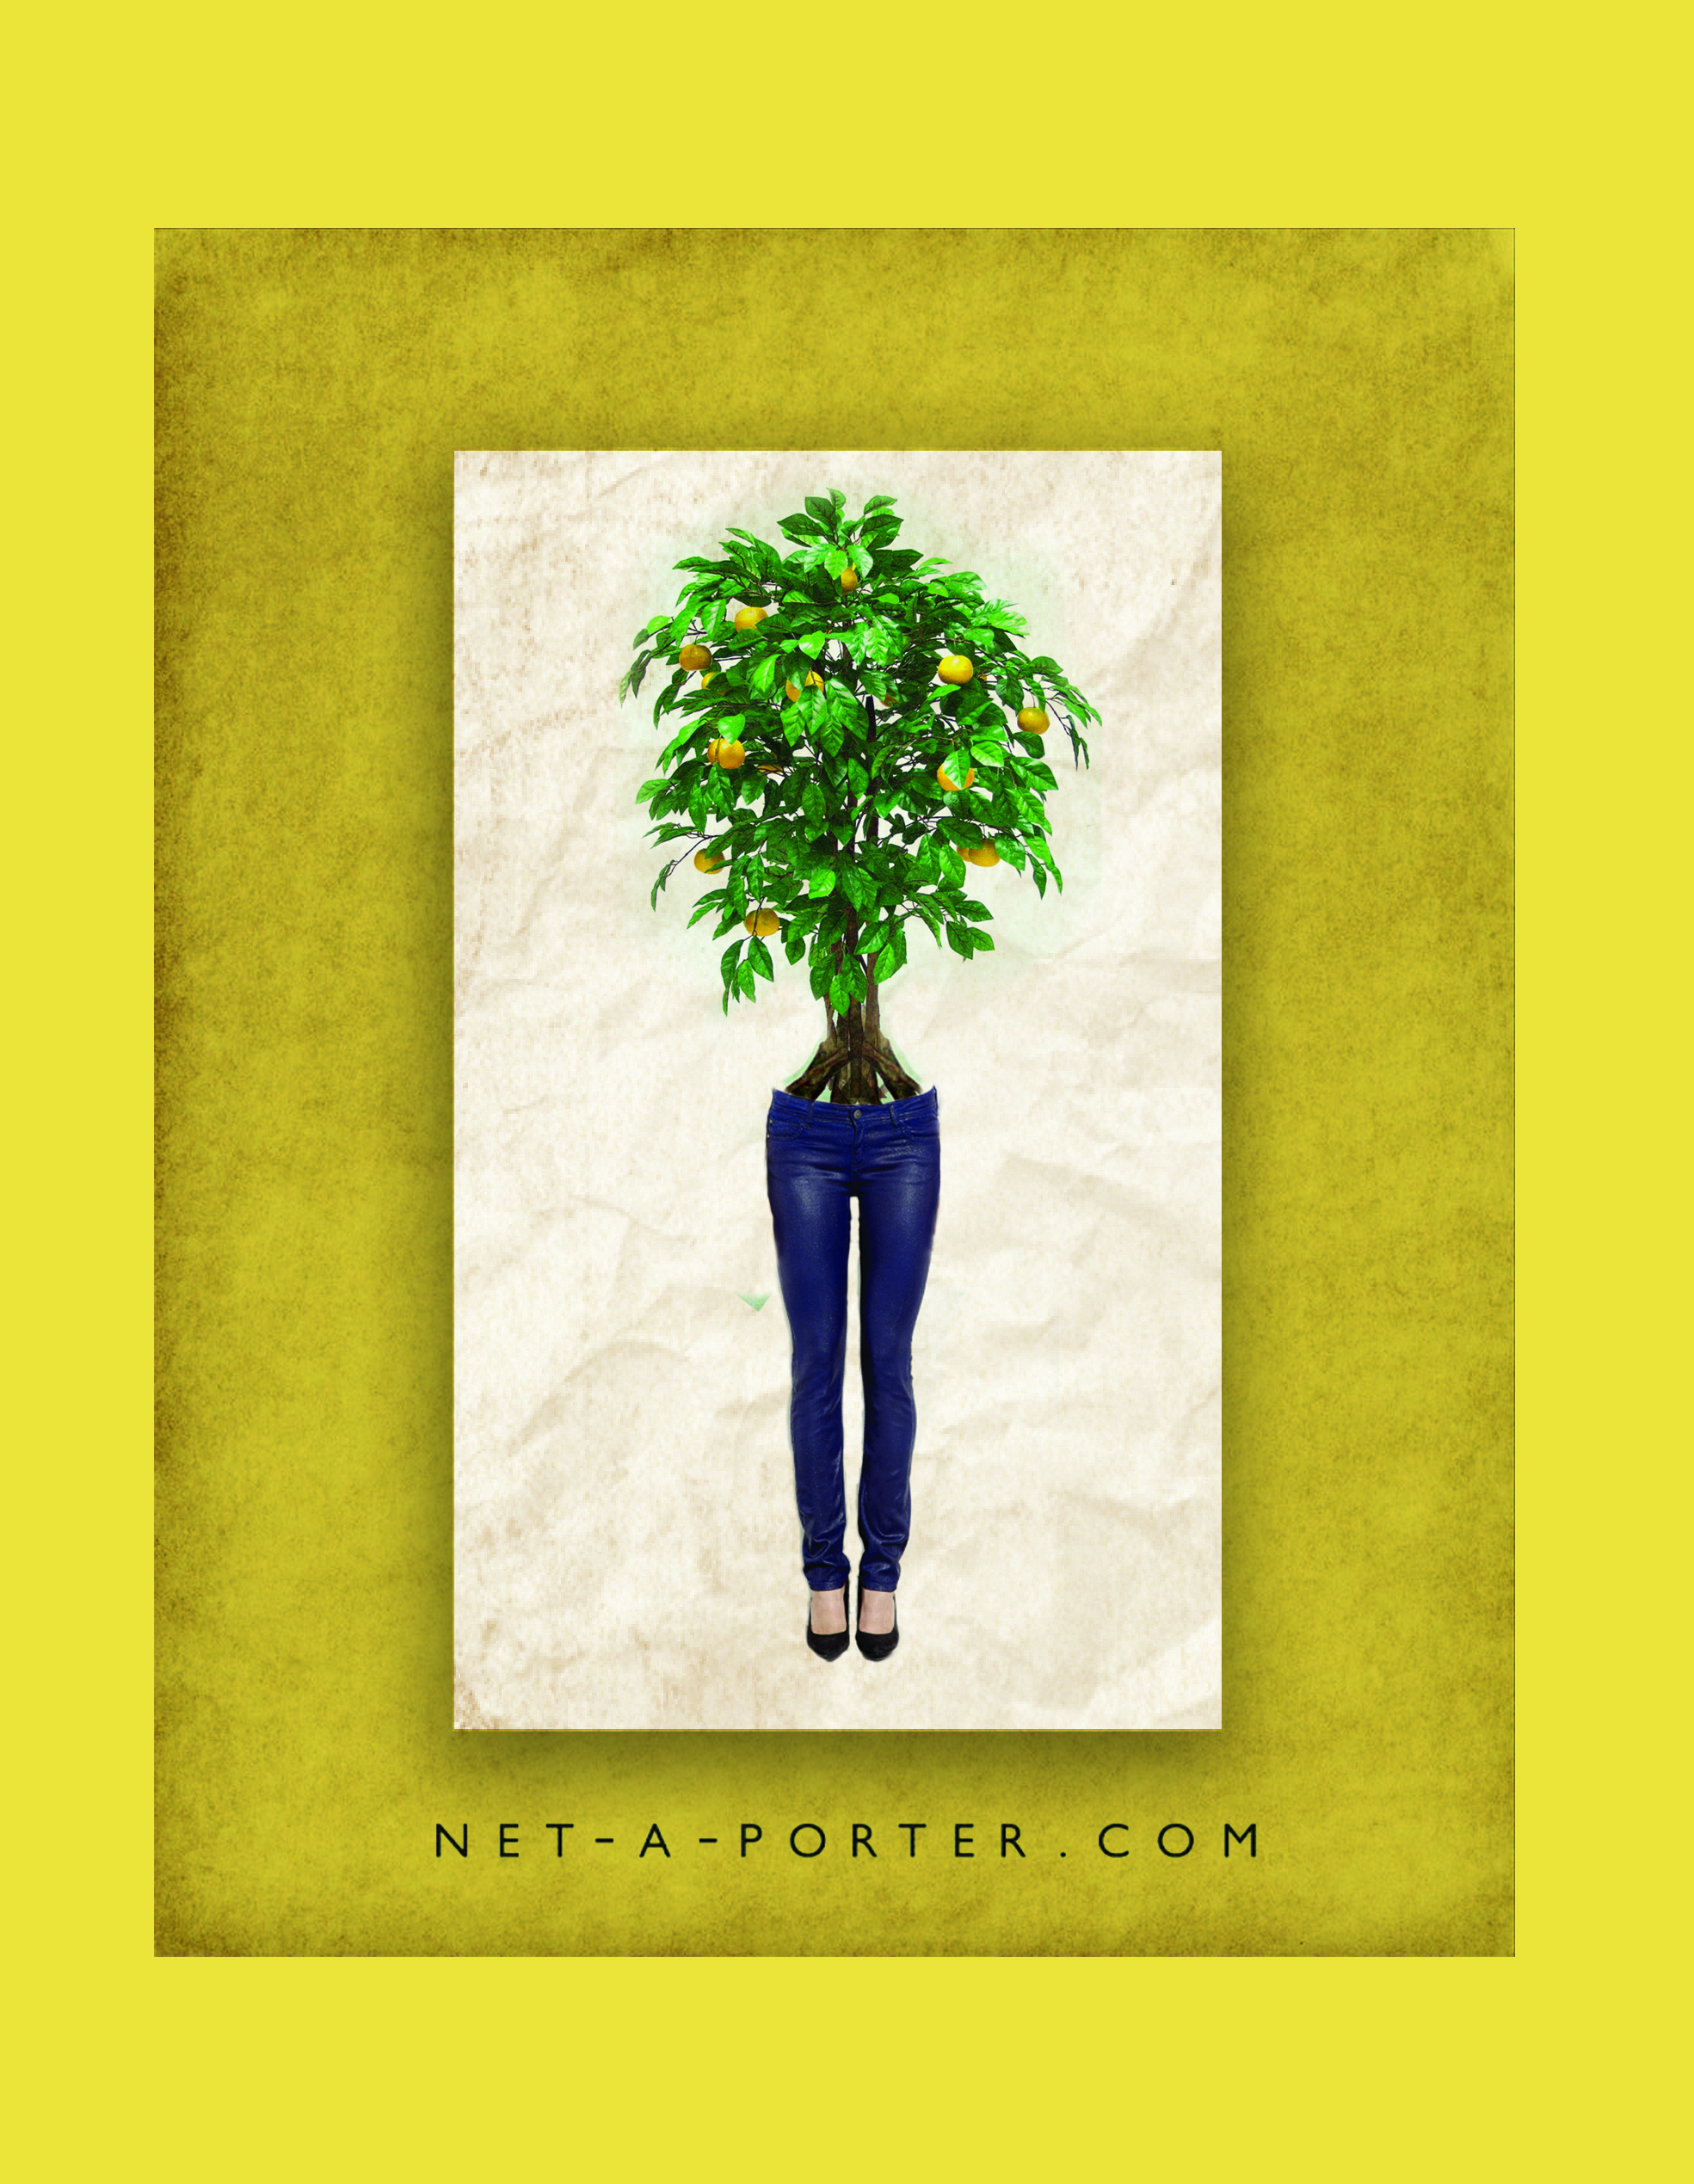 Net-a-Porter Print Promotion